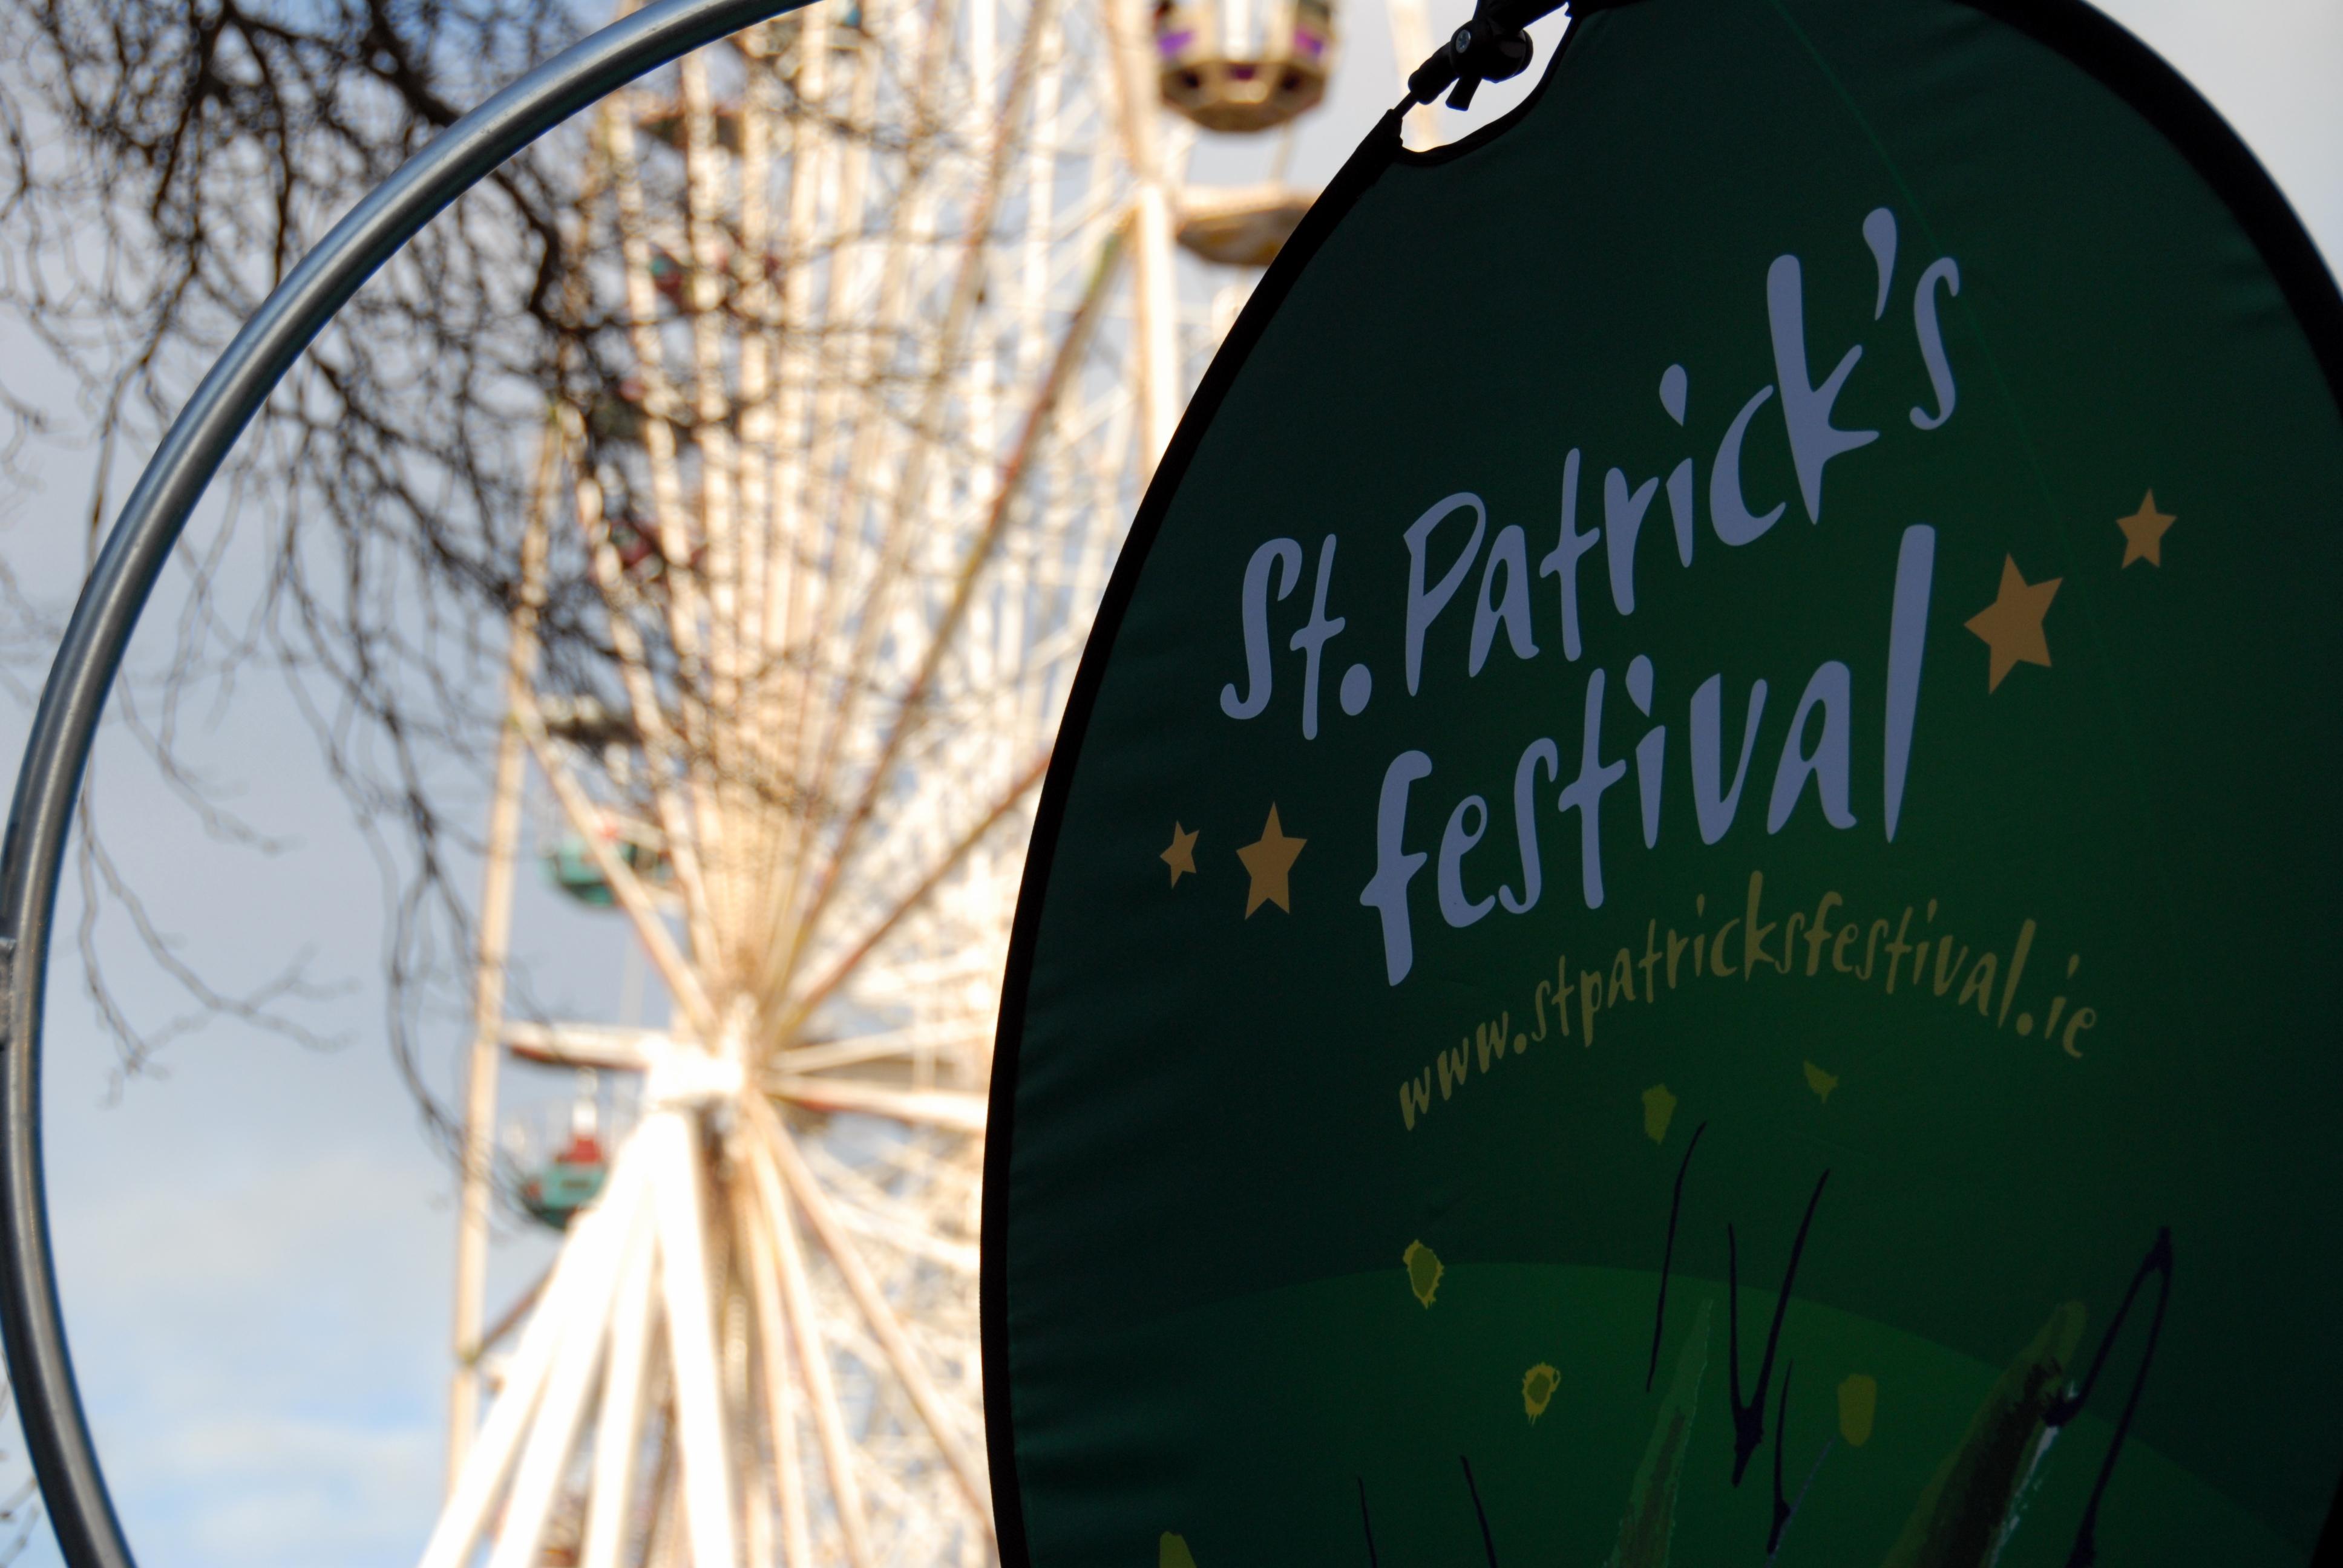 Roteiro Cultural: O Mundo de verde no dia de Saint Patrick's